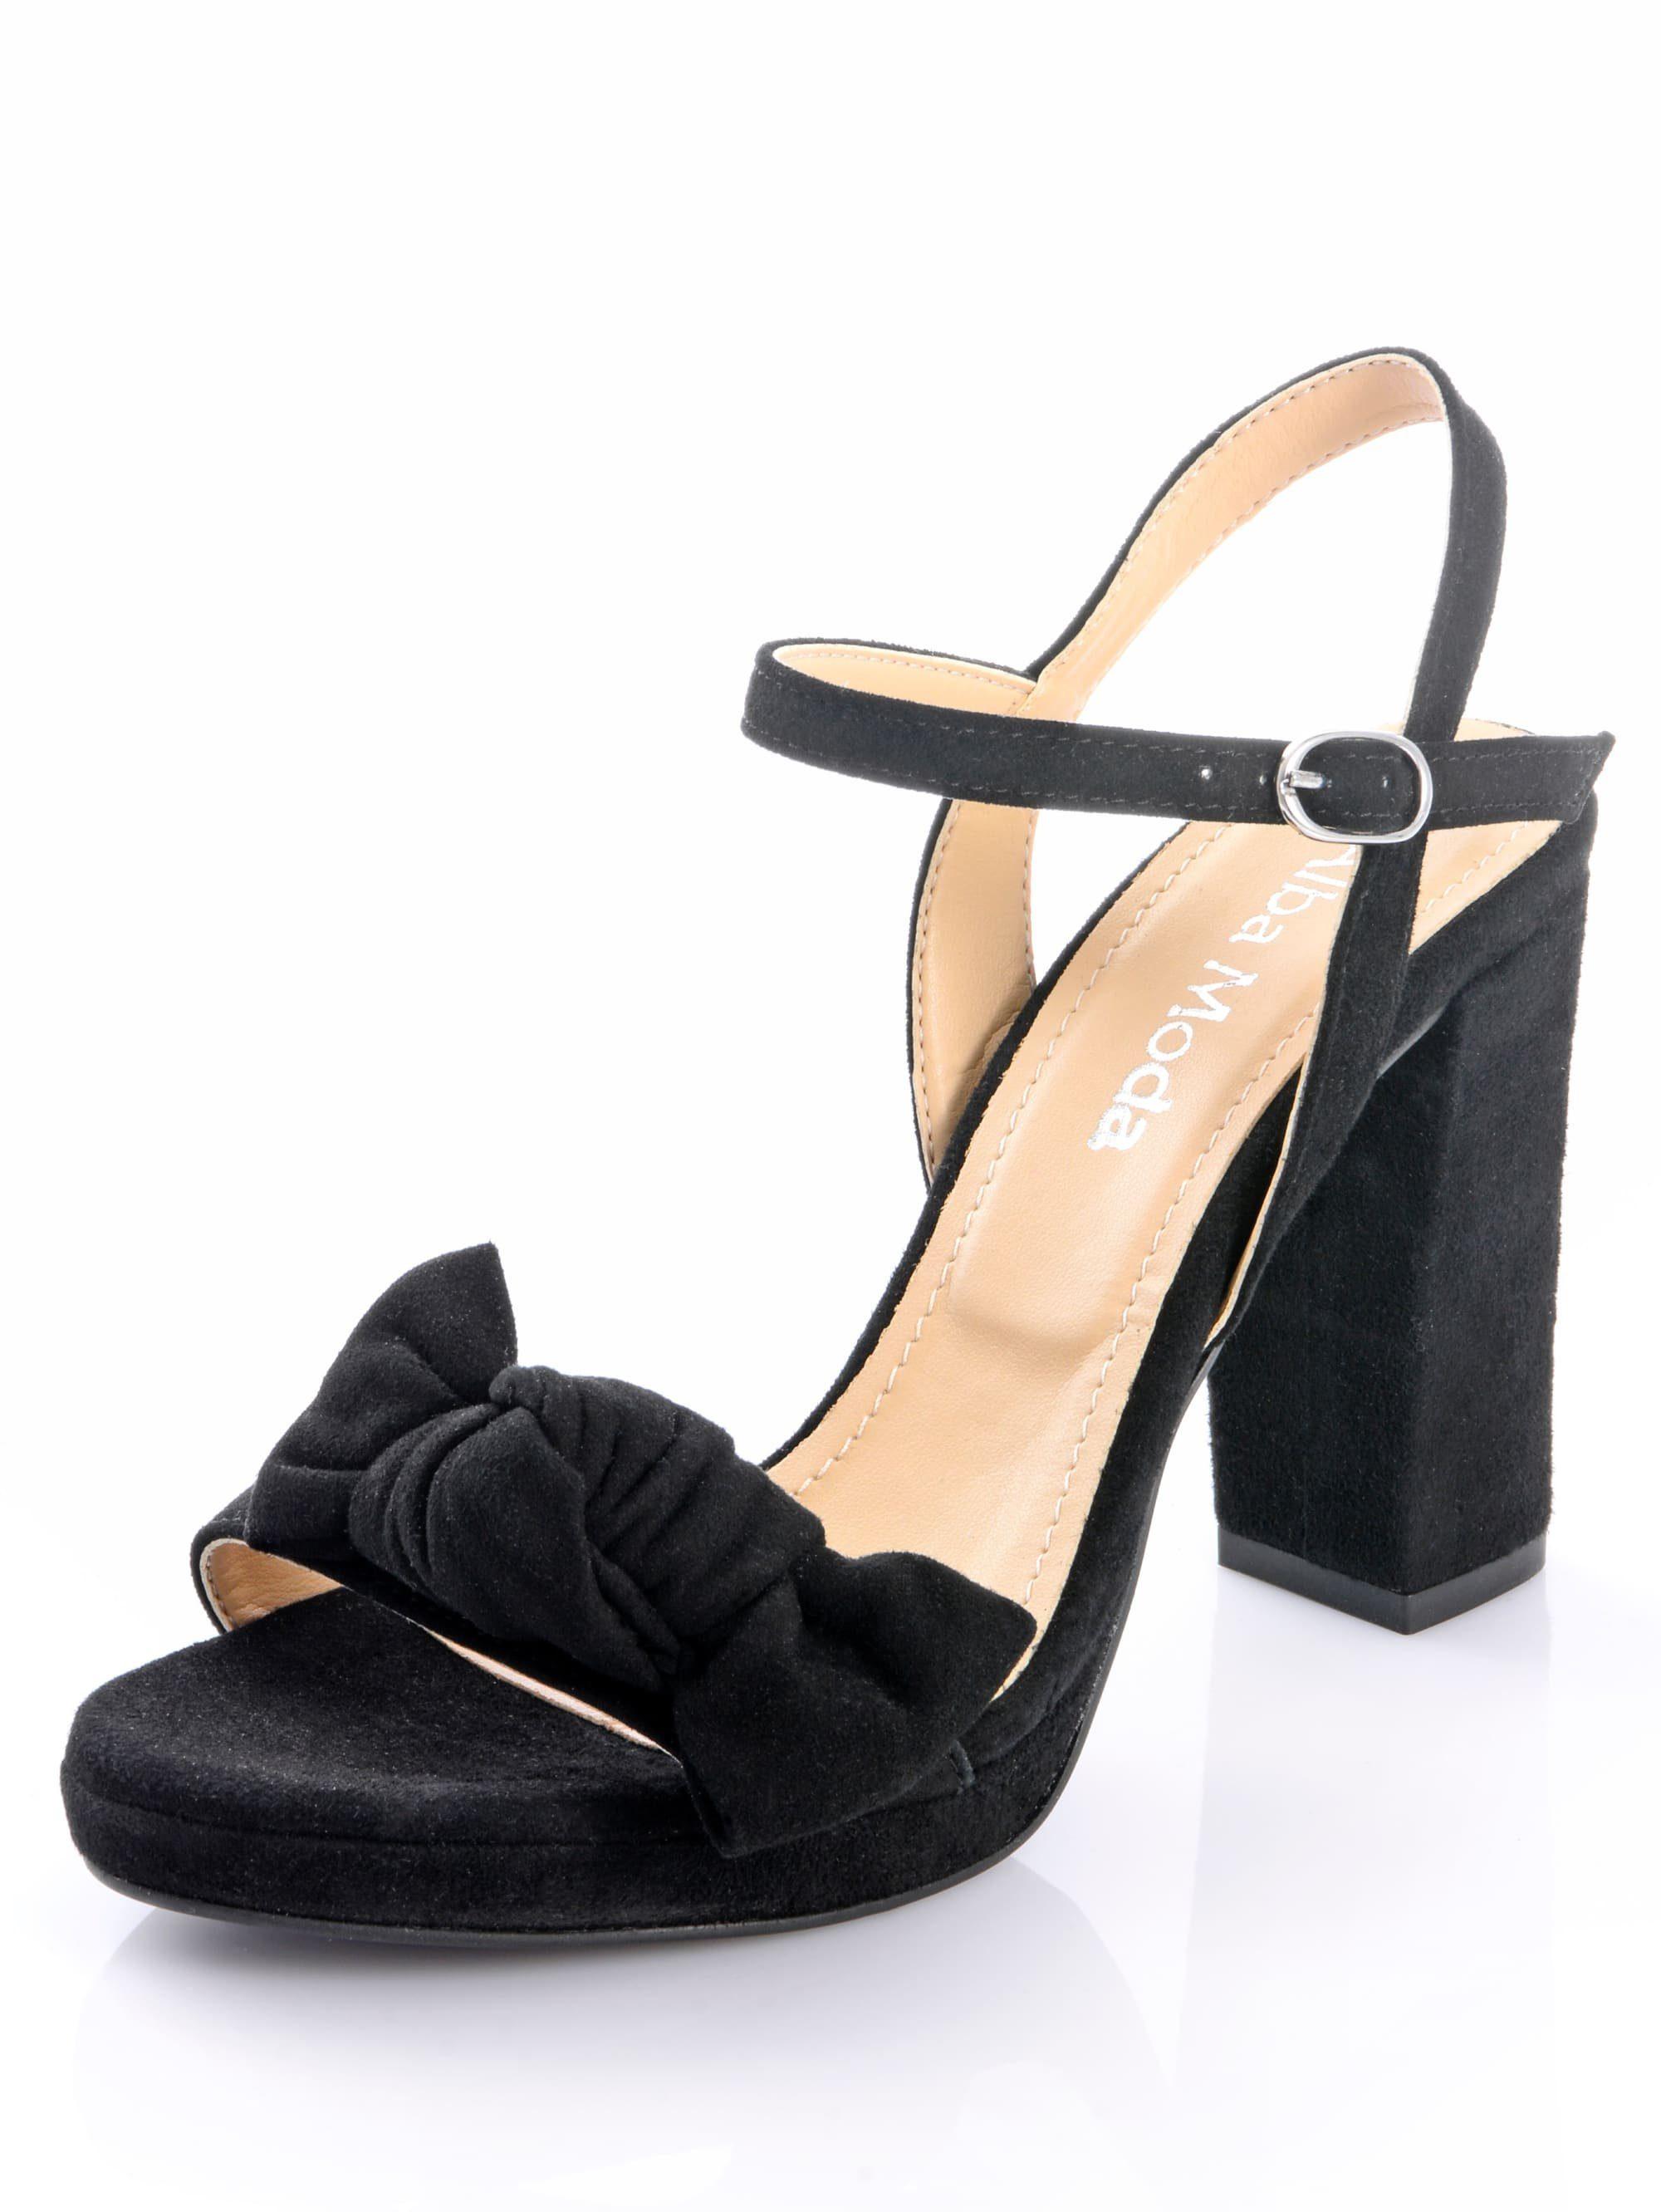 Alba Moda Sandalette aus Ziegenveloursleder kaufen | OTTO